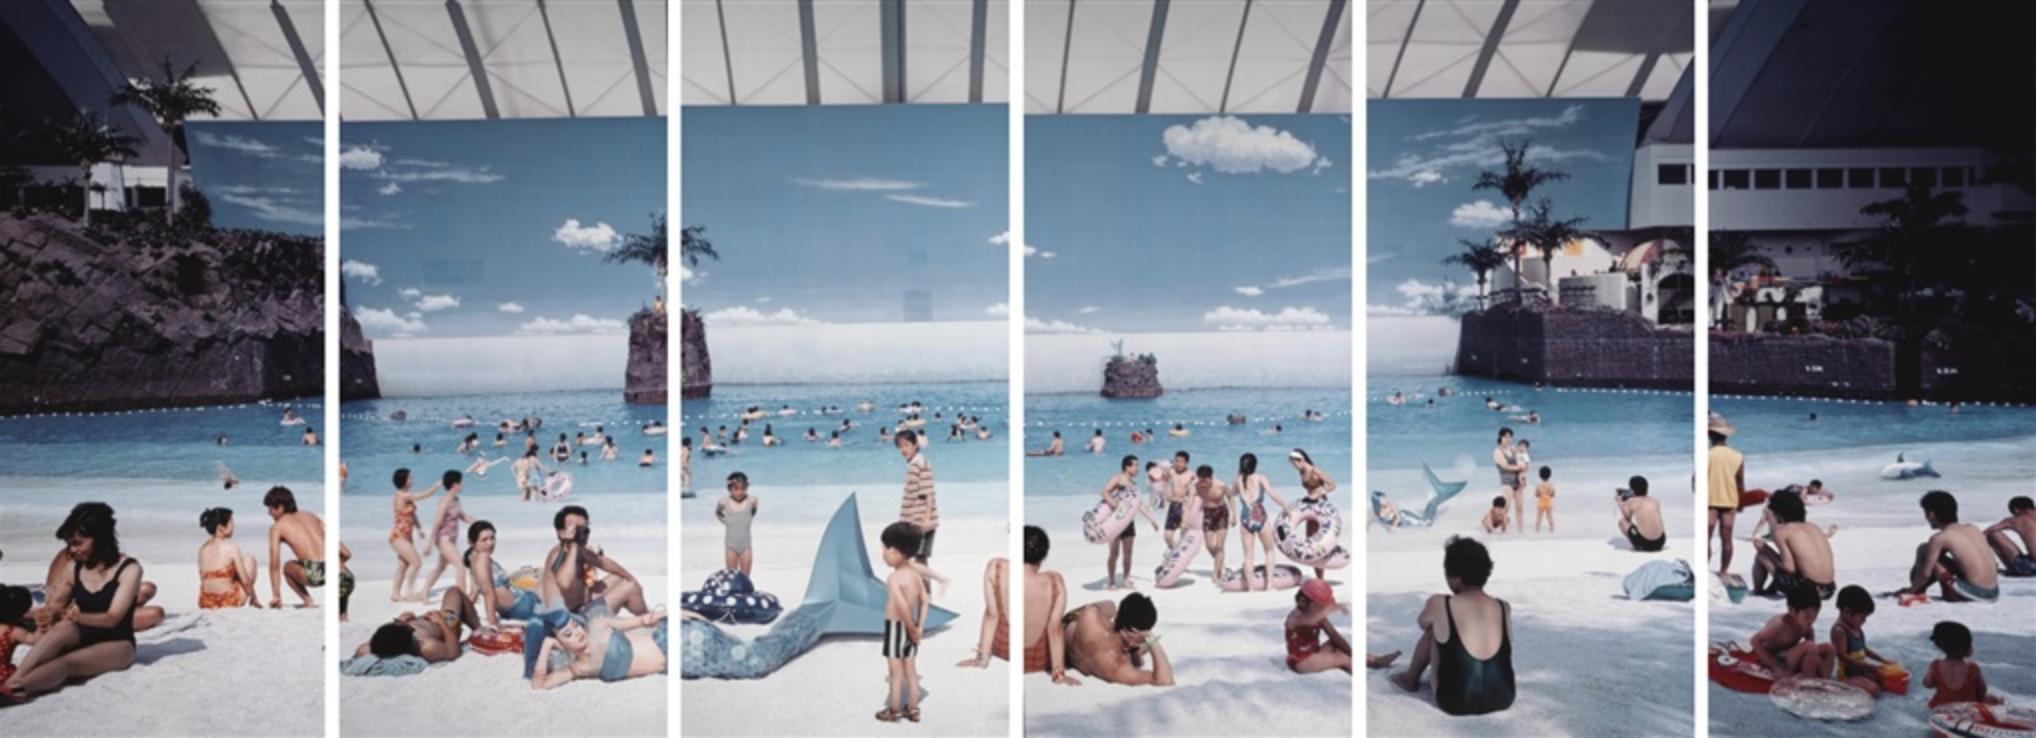 EMPTY DREAM , 1995, cibachrome, 273.1 x 121.9 cm. (107.5 x 48 in.)